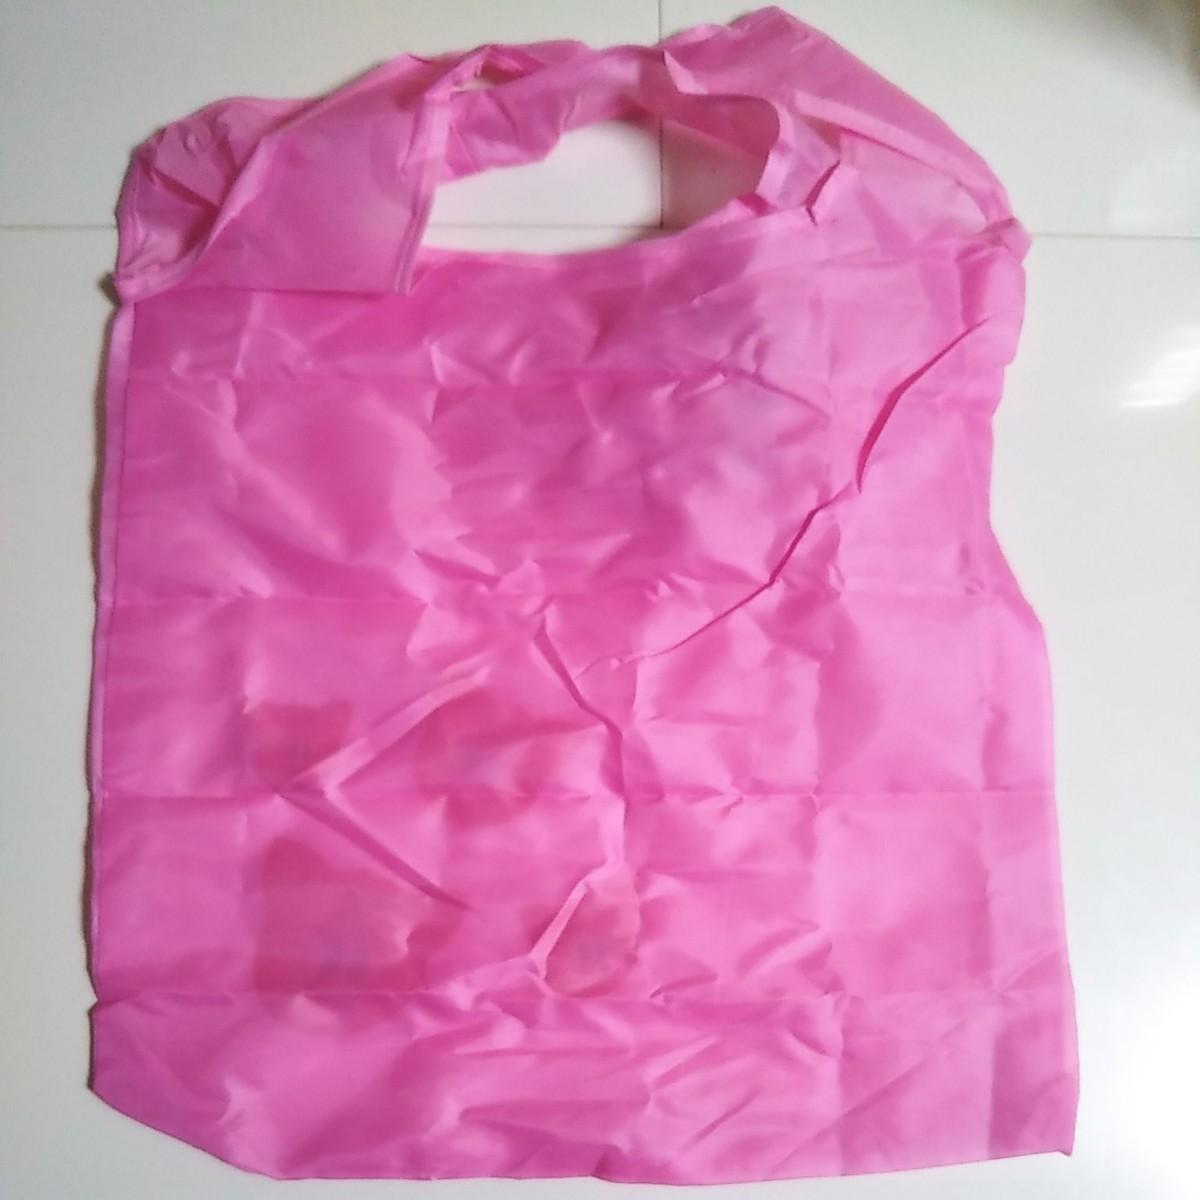 エコバッグ  ぶた 折りたたみ コンパクト ショッピングバッグ